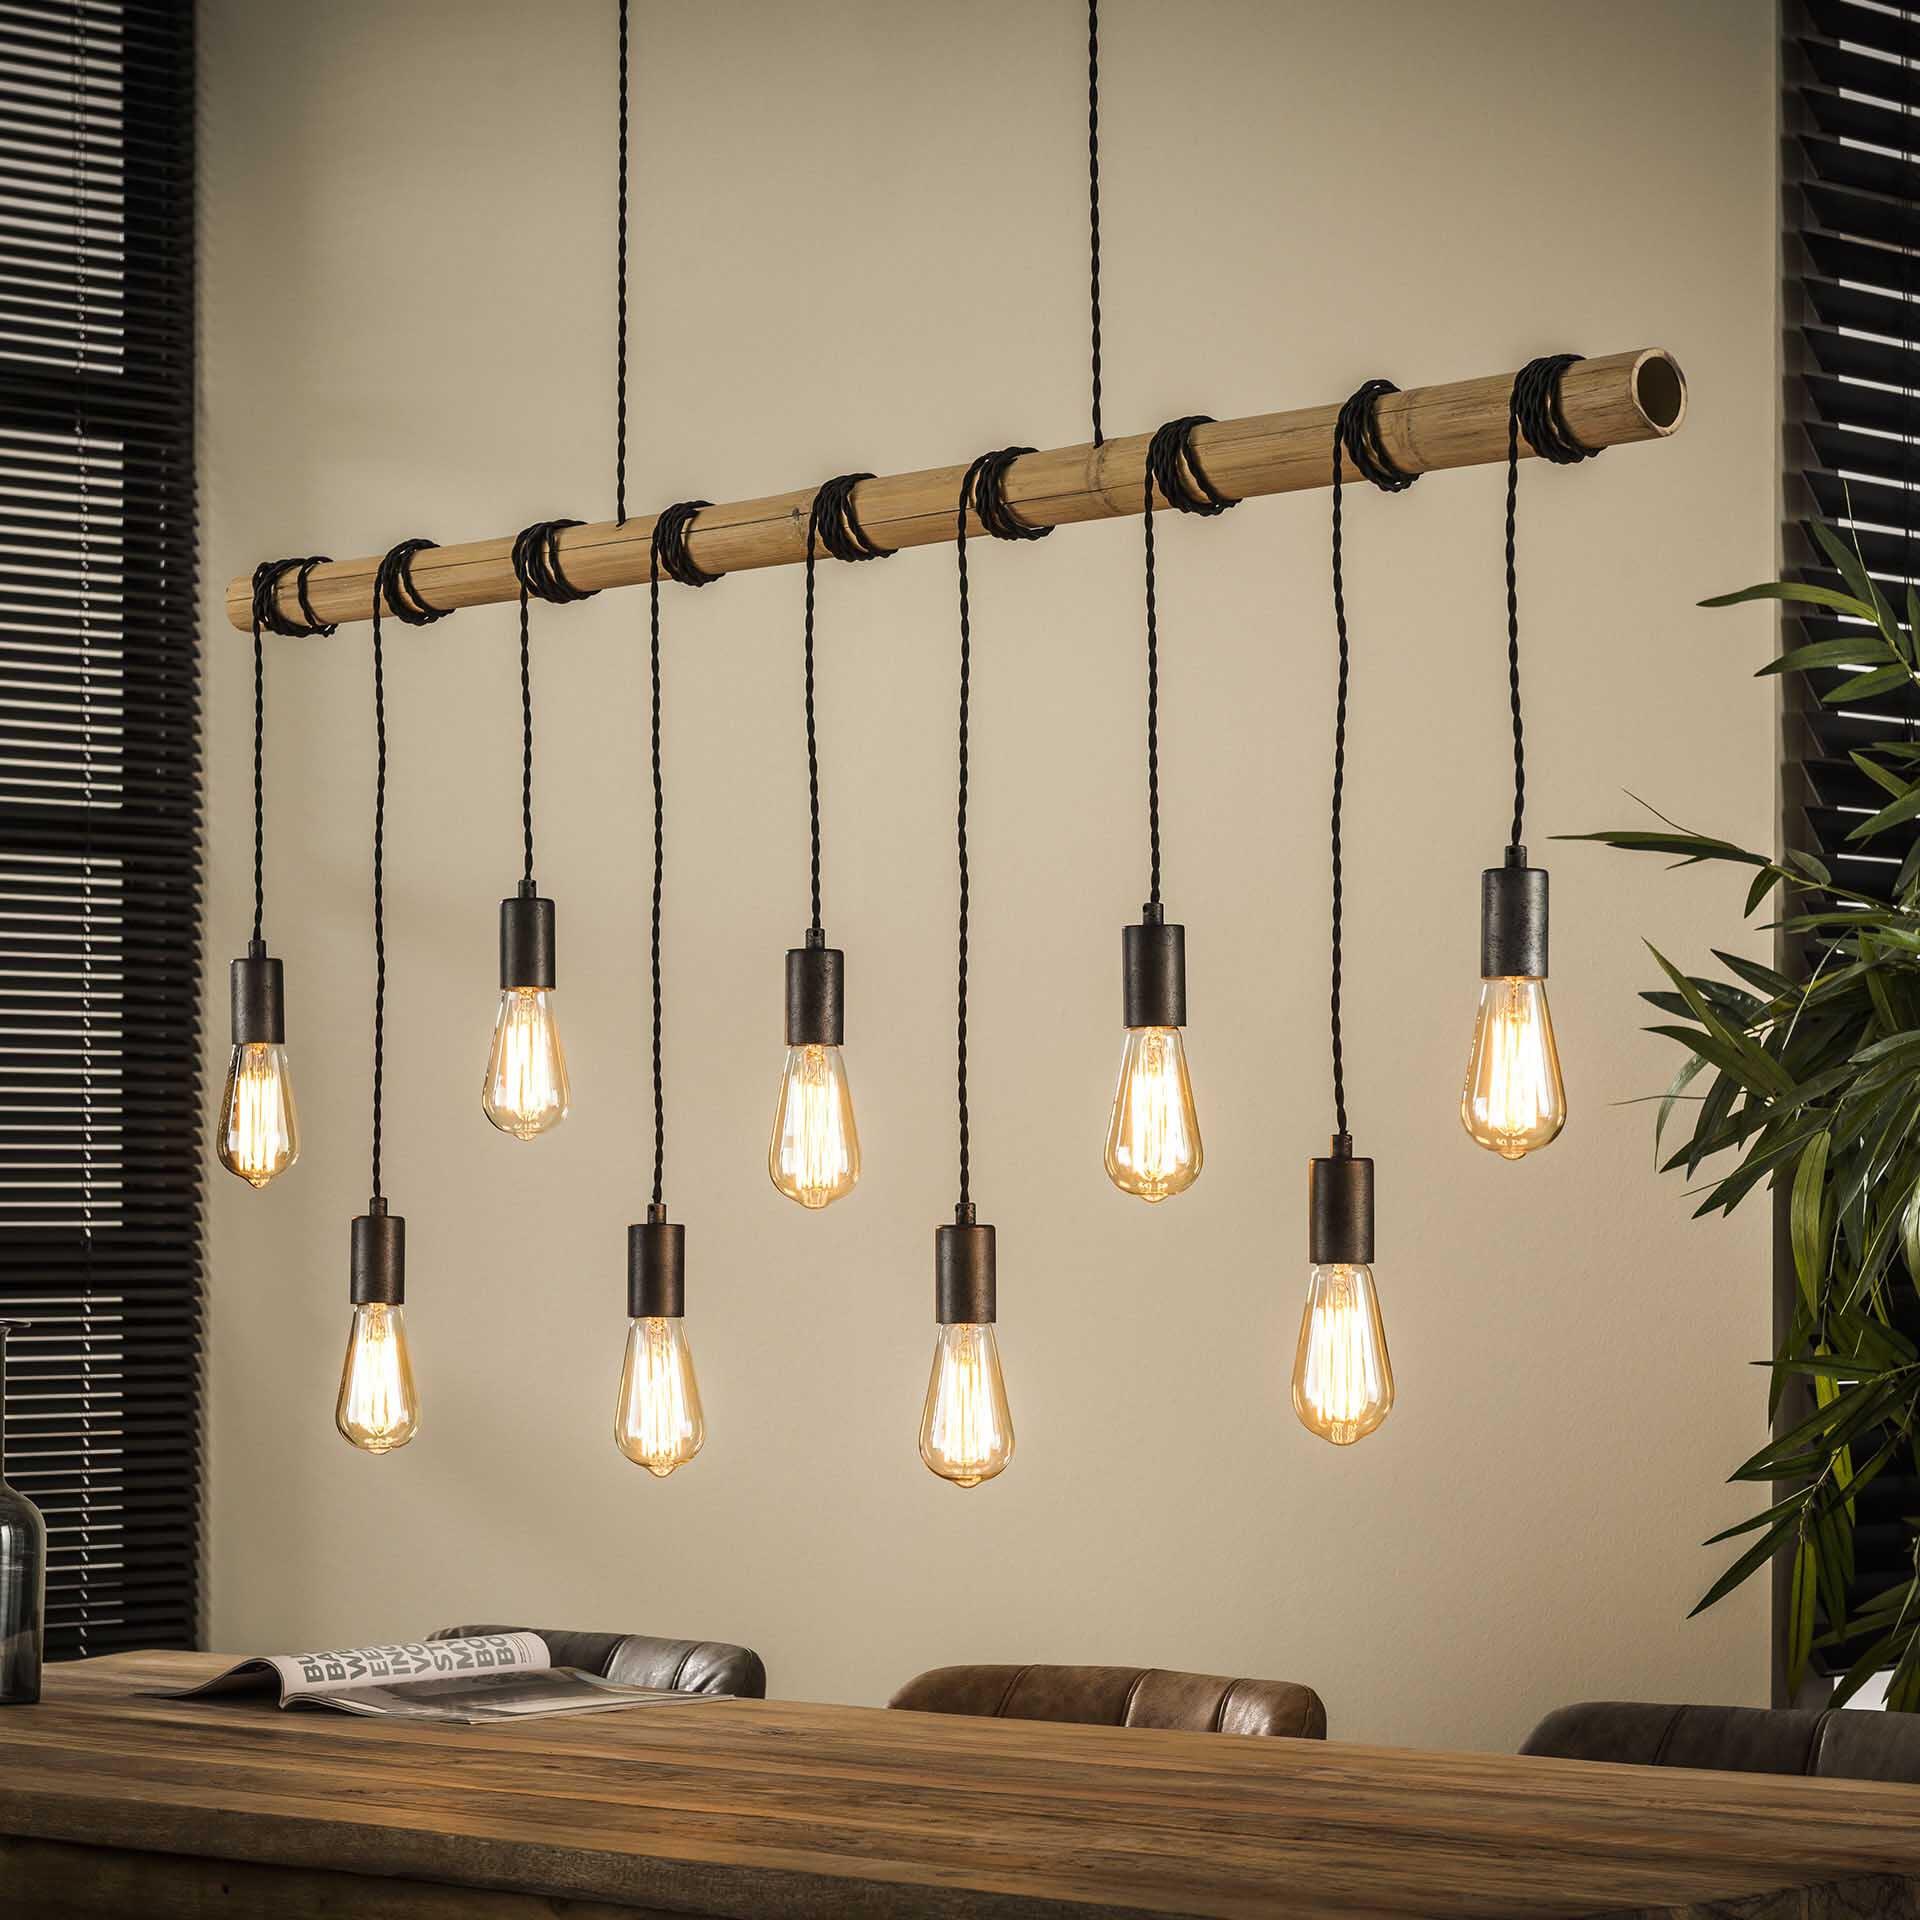 Hanglamp 'Bamboe' met 9 fittingen, 140cm